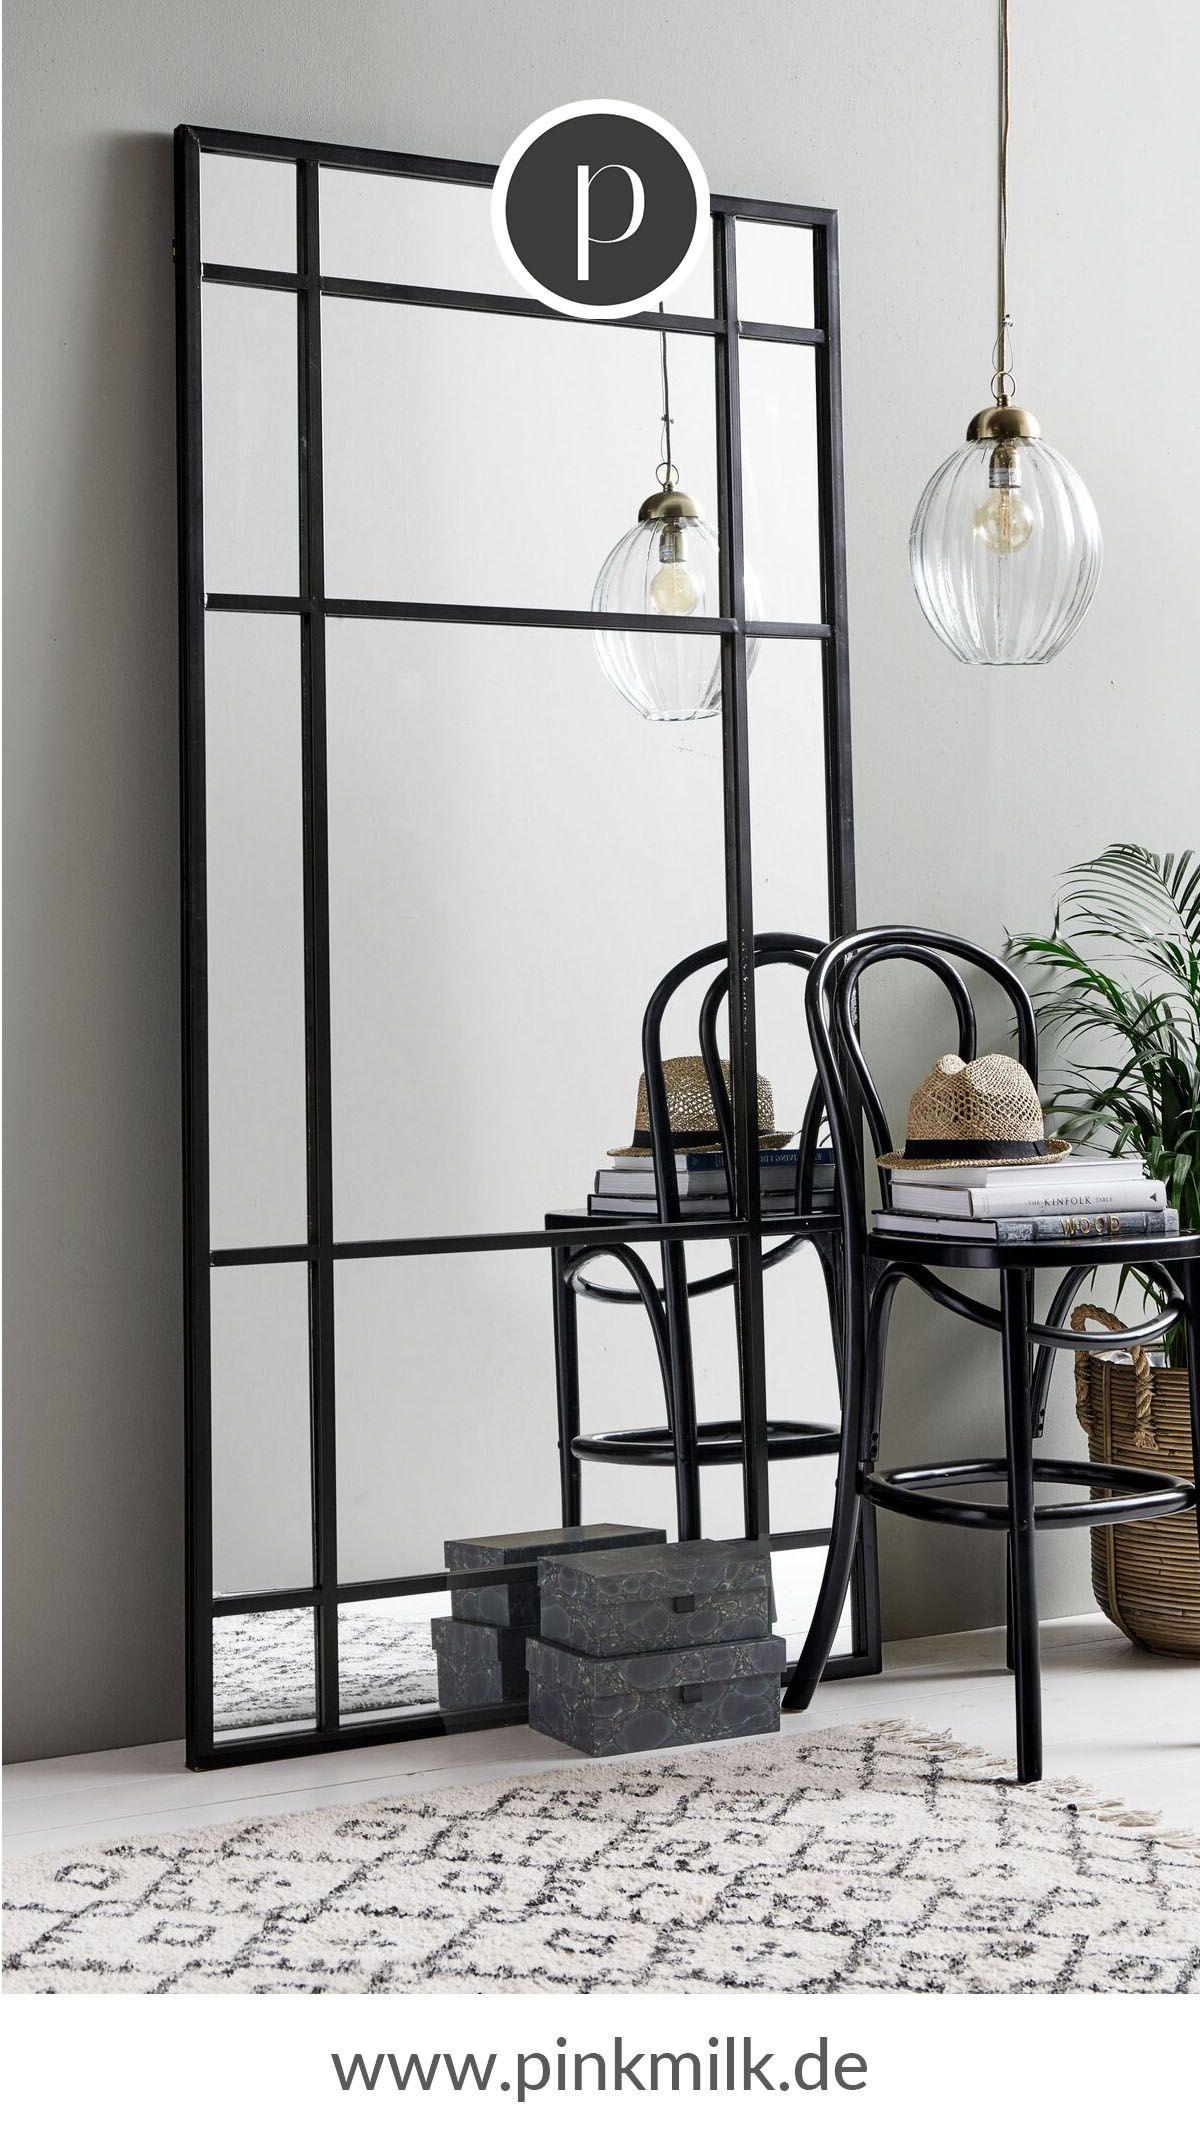 Dank Der Stilvollen Und Aussergewohnlichen Form Bringt Der Spiegel Einen Modernen Touch In Deine Einrich Wandspiegel Wohnzimmer Spiegel Schlafzimmer Wandspiegel